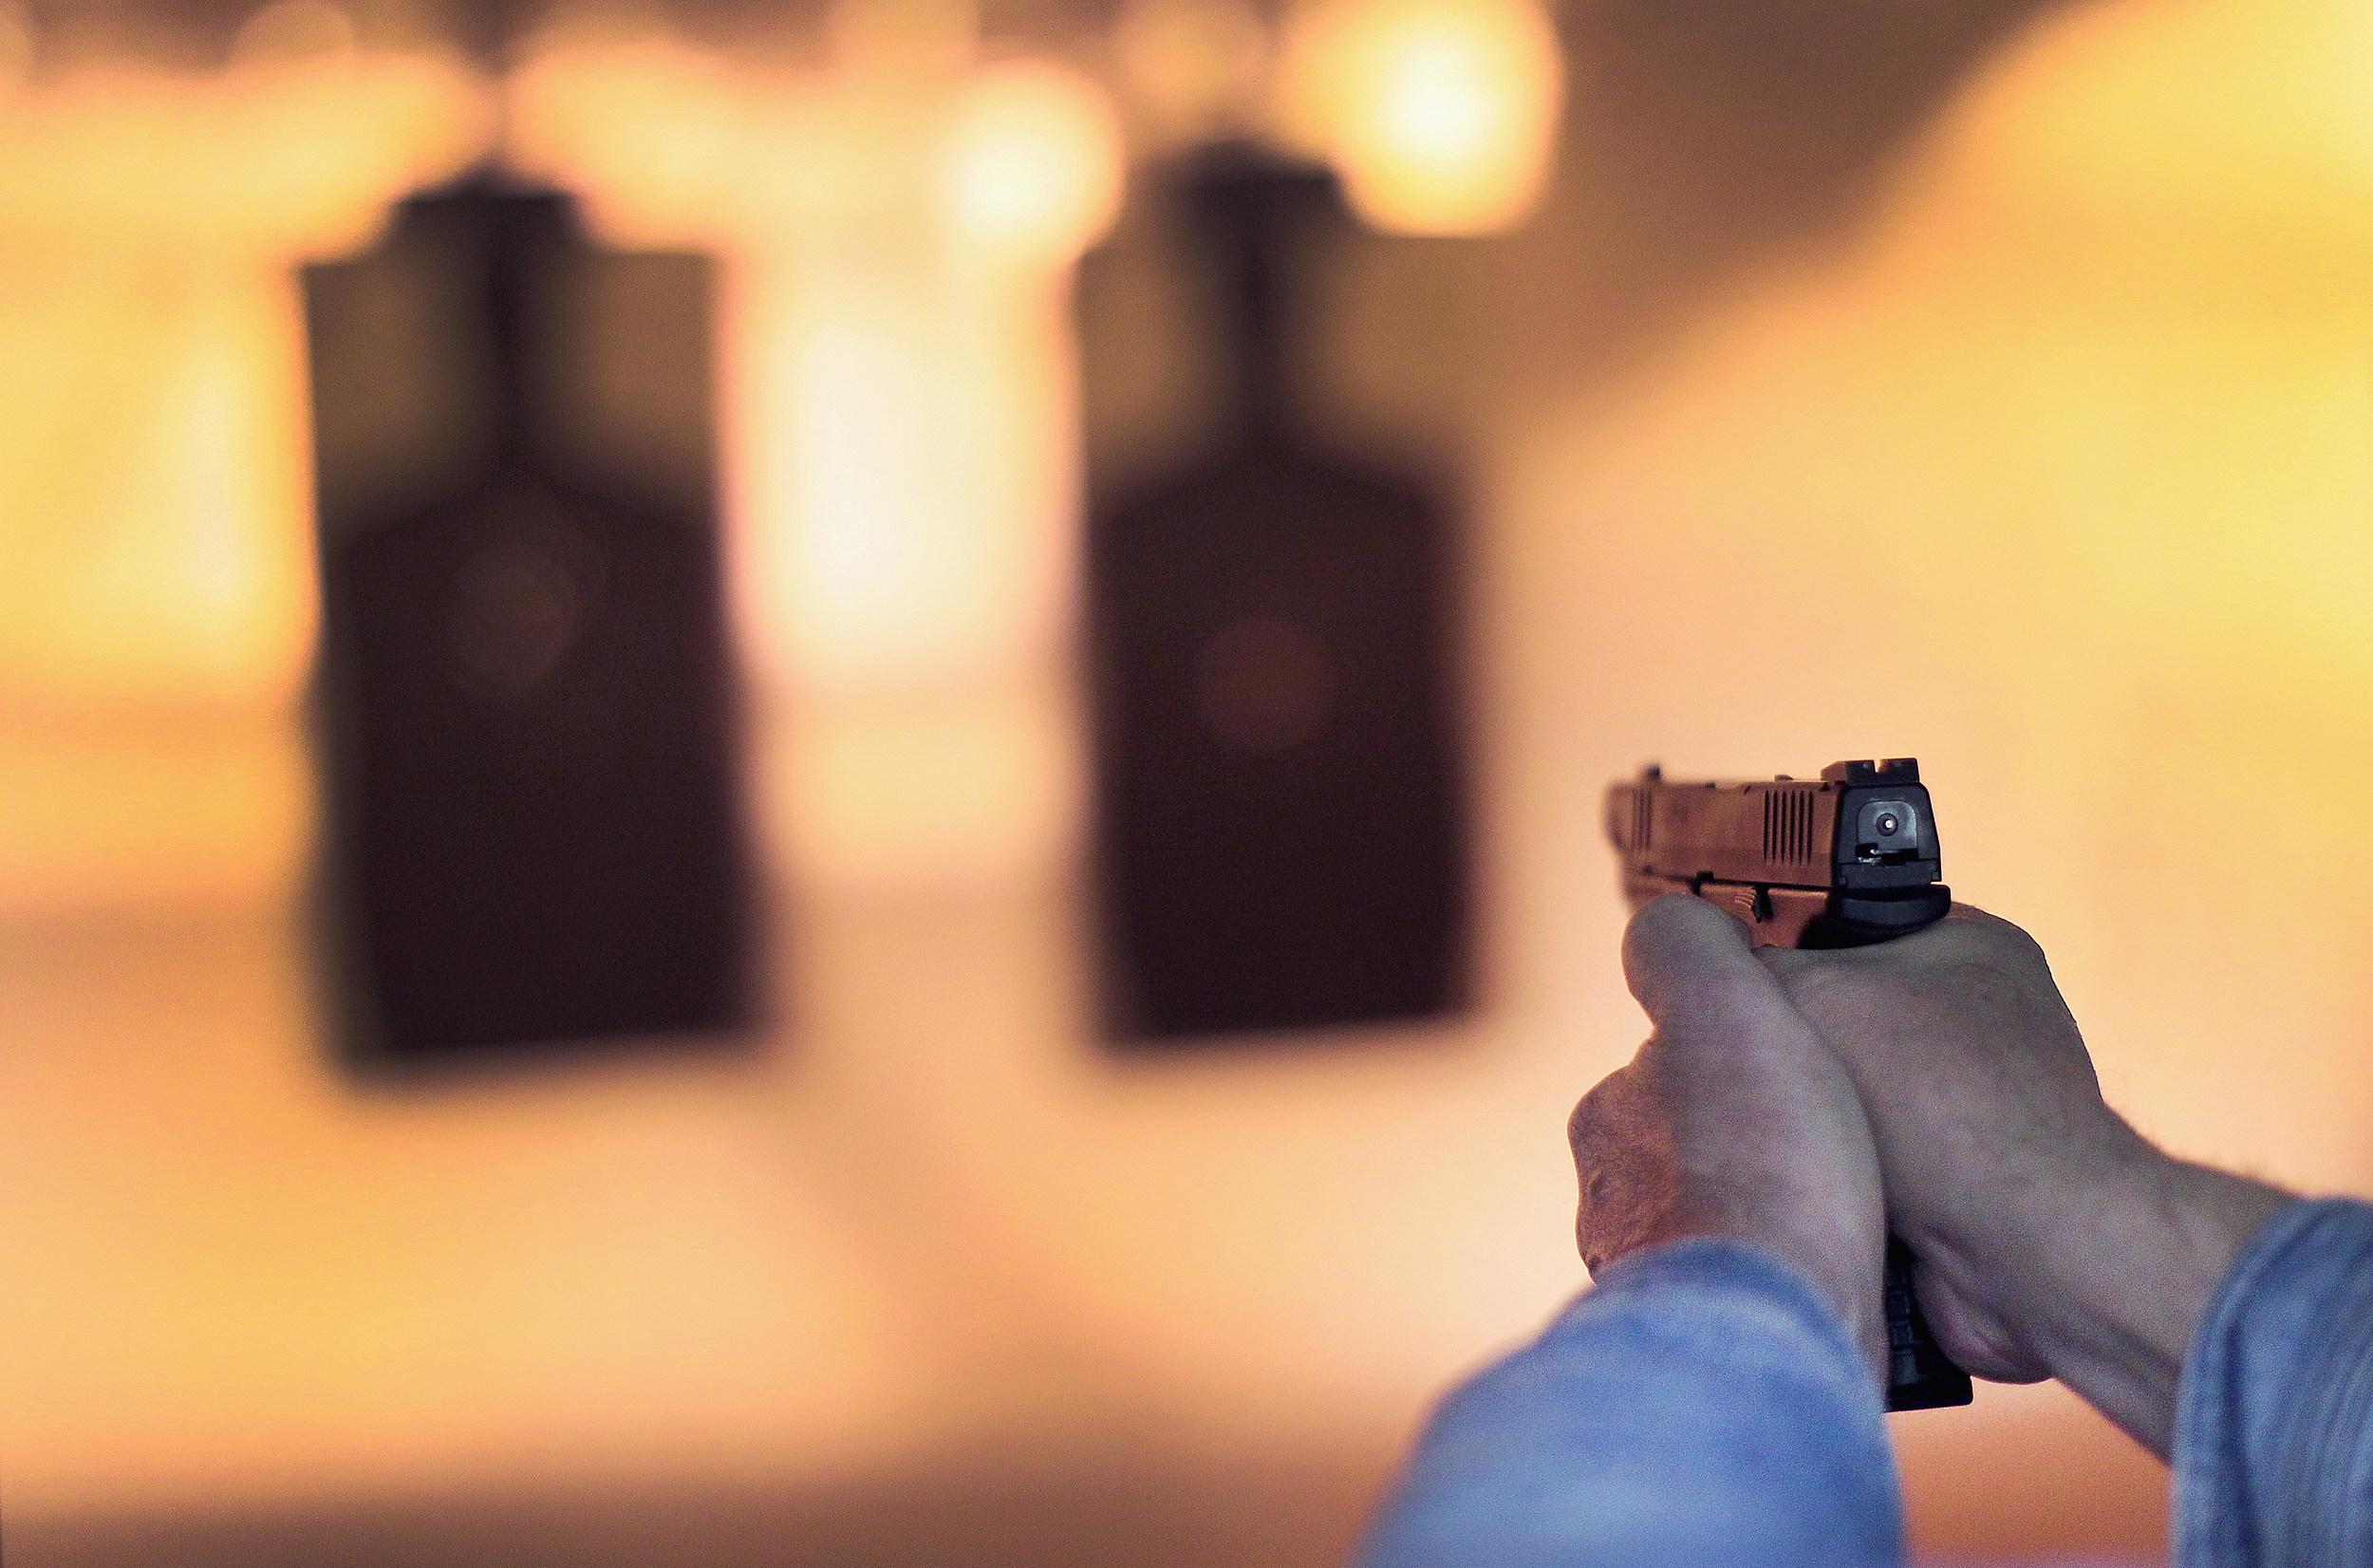 Pistol Firing on Range